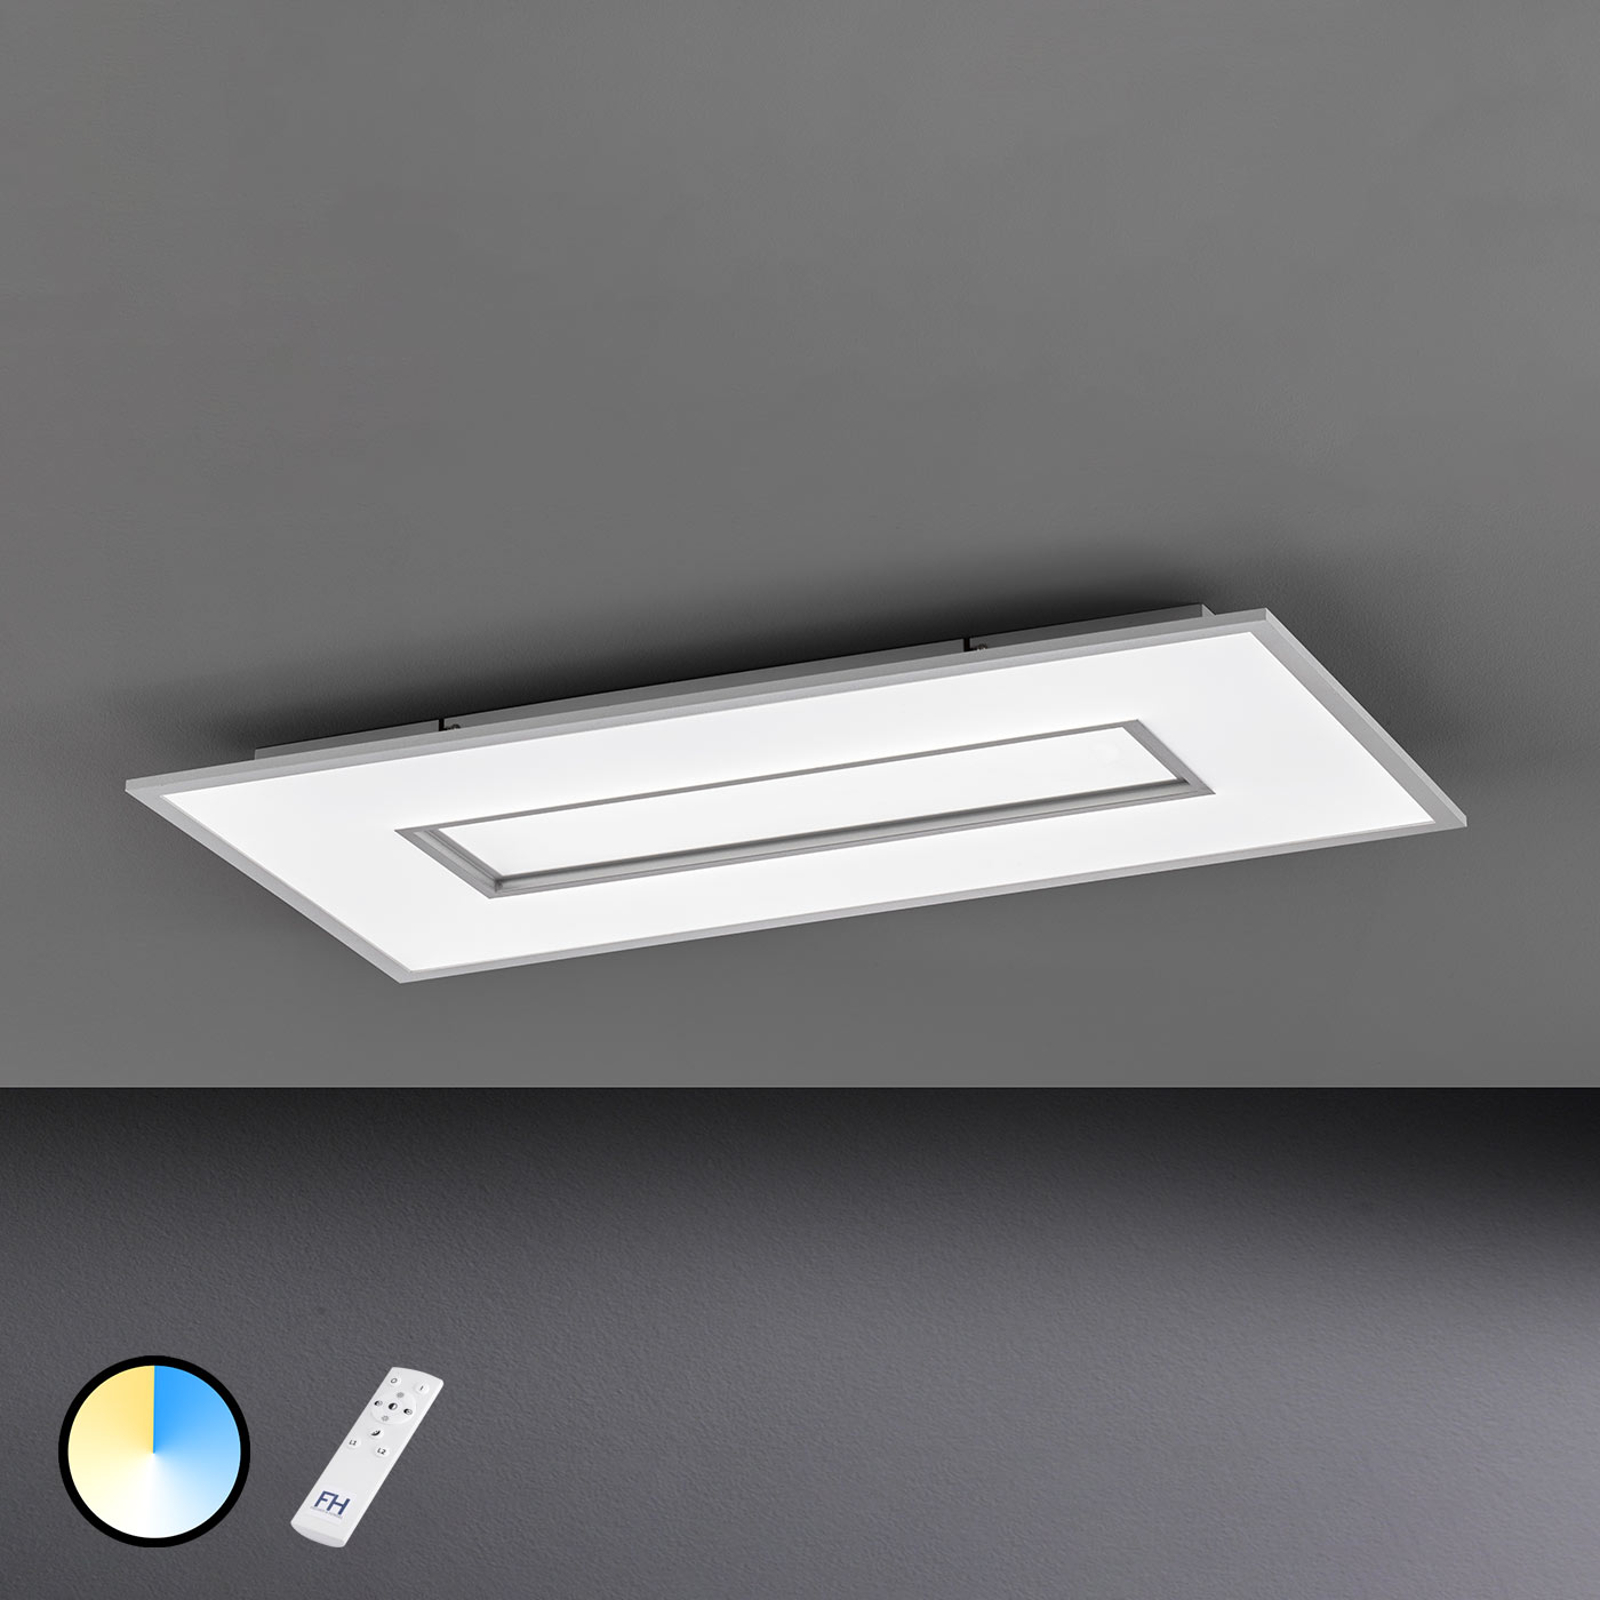 Plafonnier LED Tiara rectangulaire 80x40cm